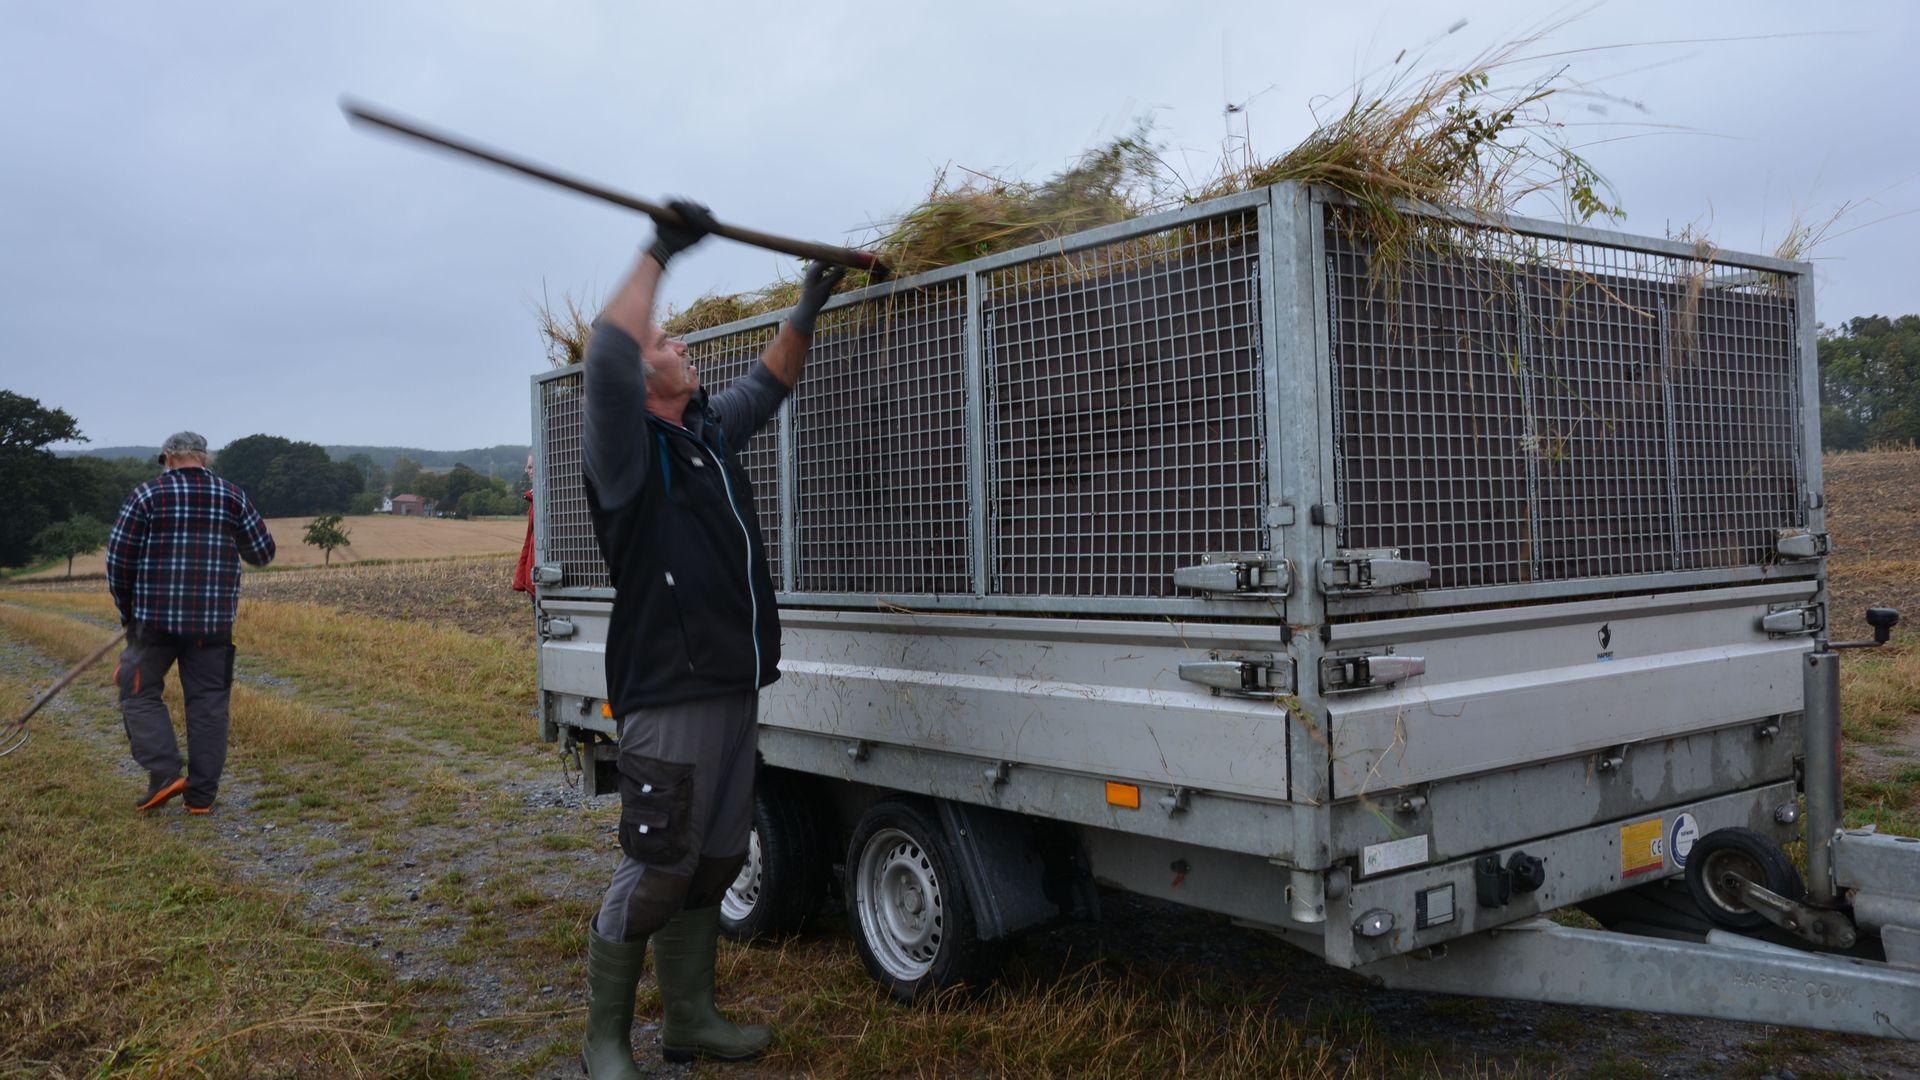 Eine ganze Hängerladung voll Mahdgut haben die Mitarbeiter der Einsatzgruppe Naturschutz an nur einem Weidensaum gemäht. Foto wfc